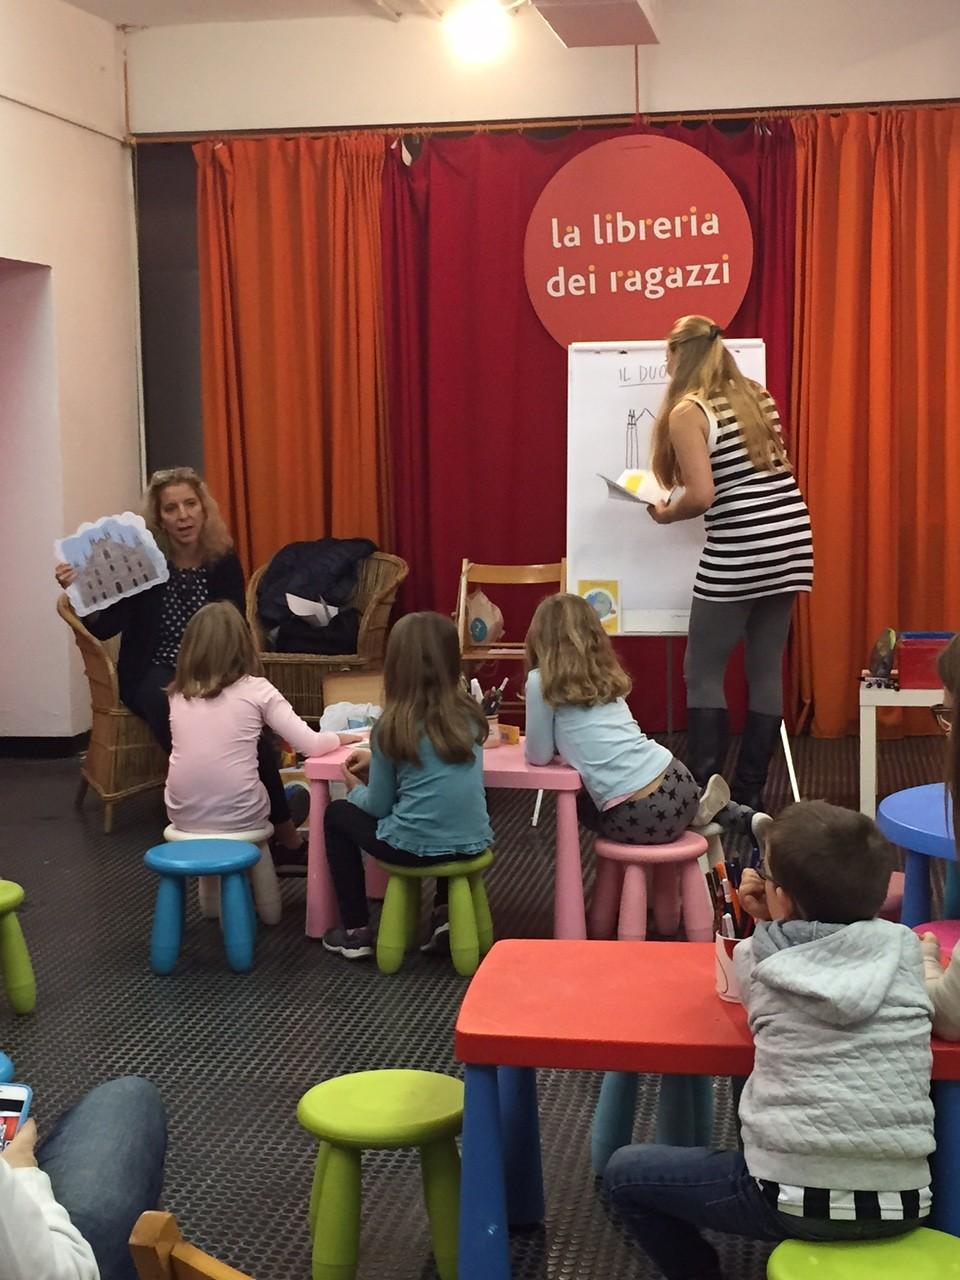 La mia Milano - Libreria dei ragazzi